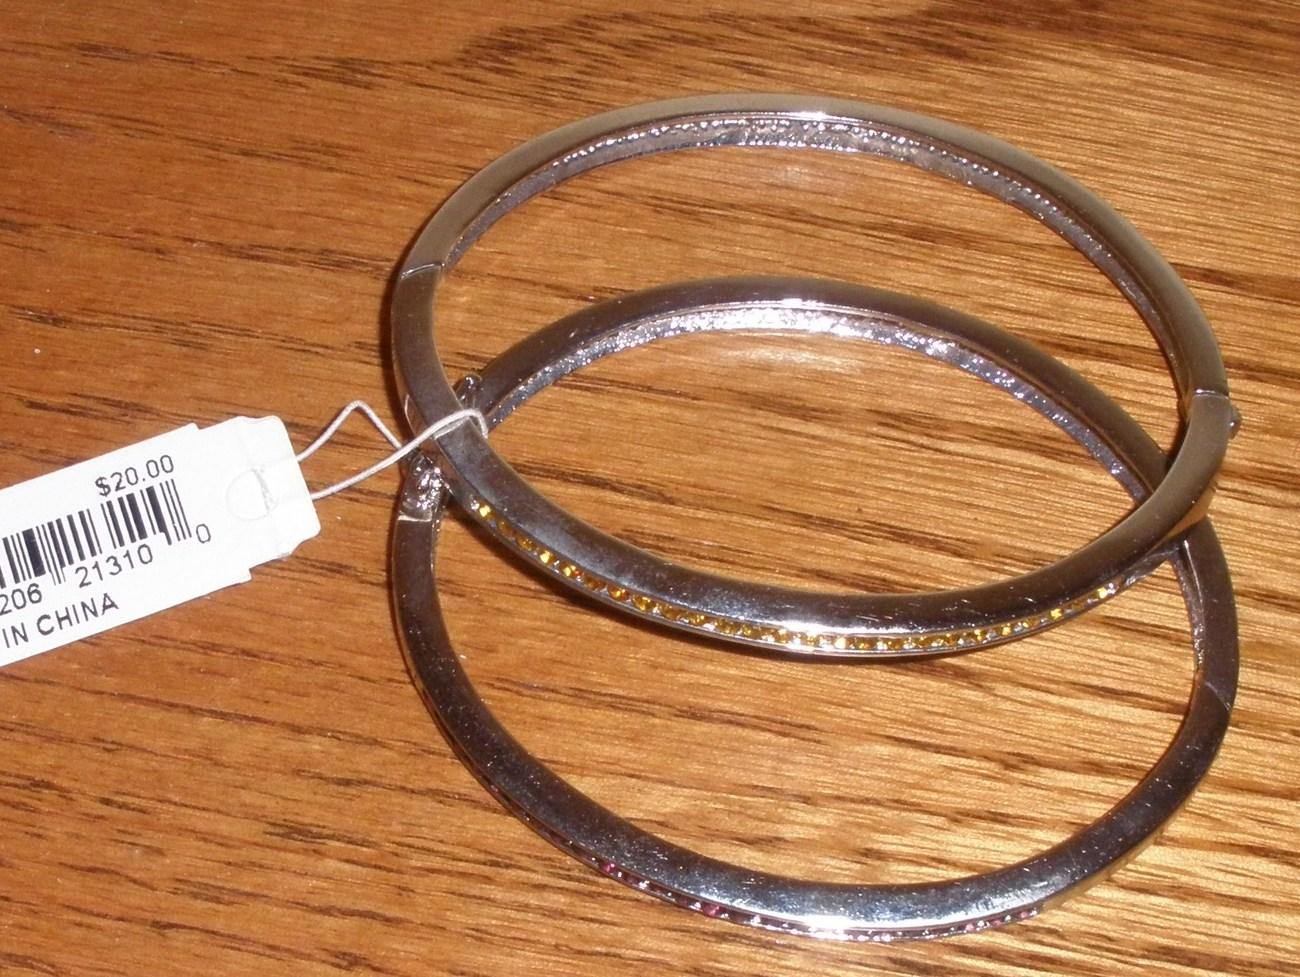 Birthstone bracelets in silvertone